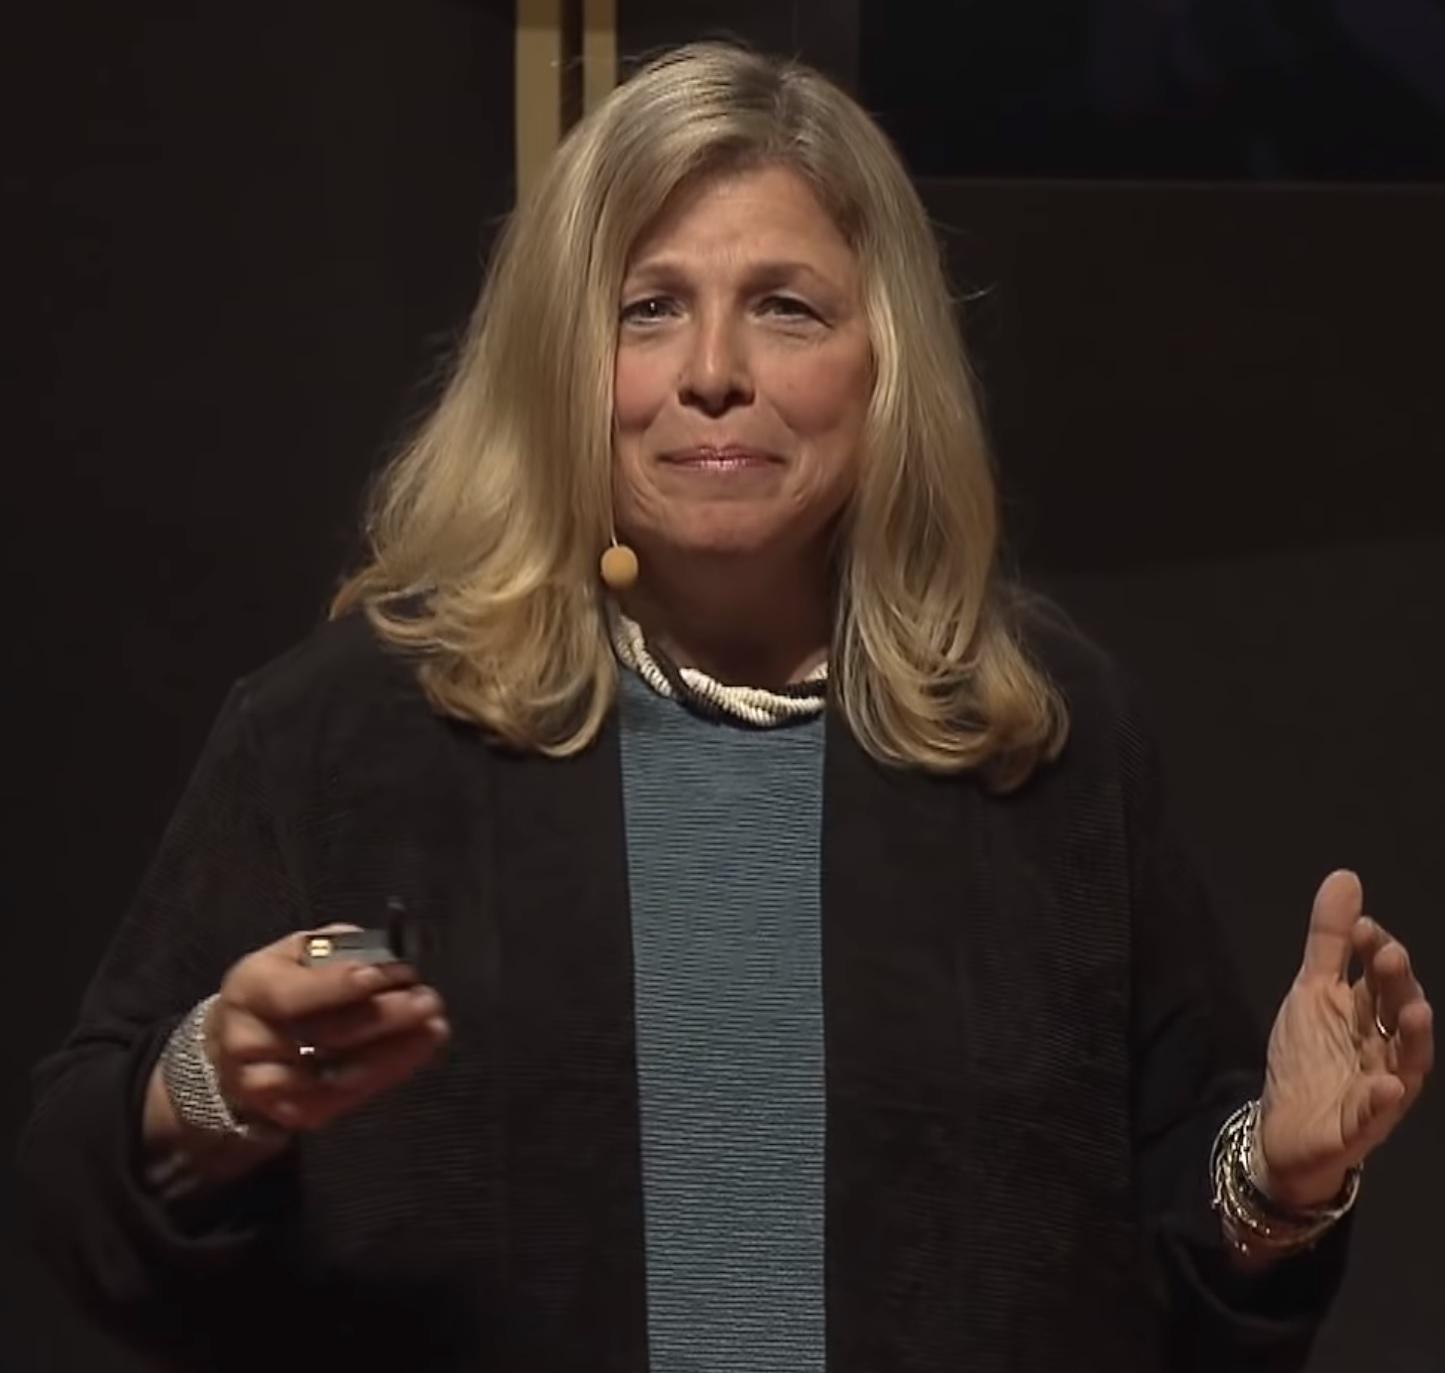 """Schwartz speaks at TEDx Rainier on """"The Next Sexual Revolution"""" in 2011"""